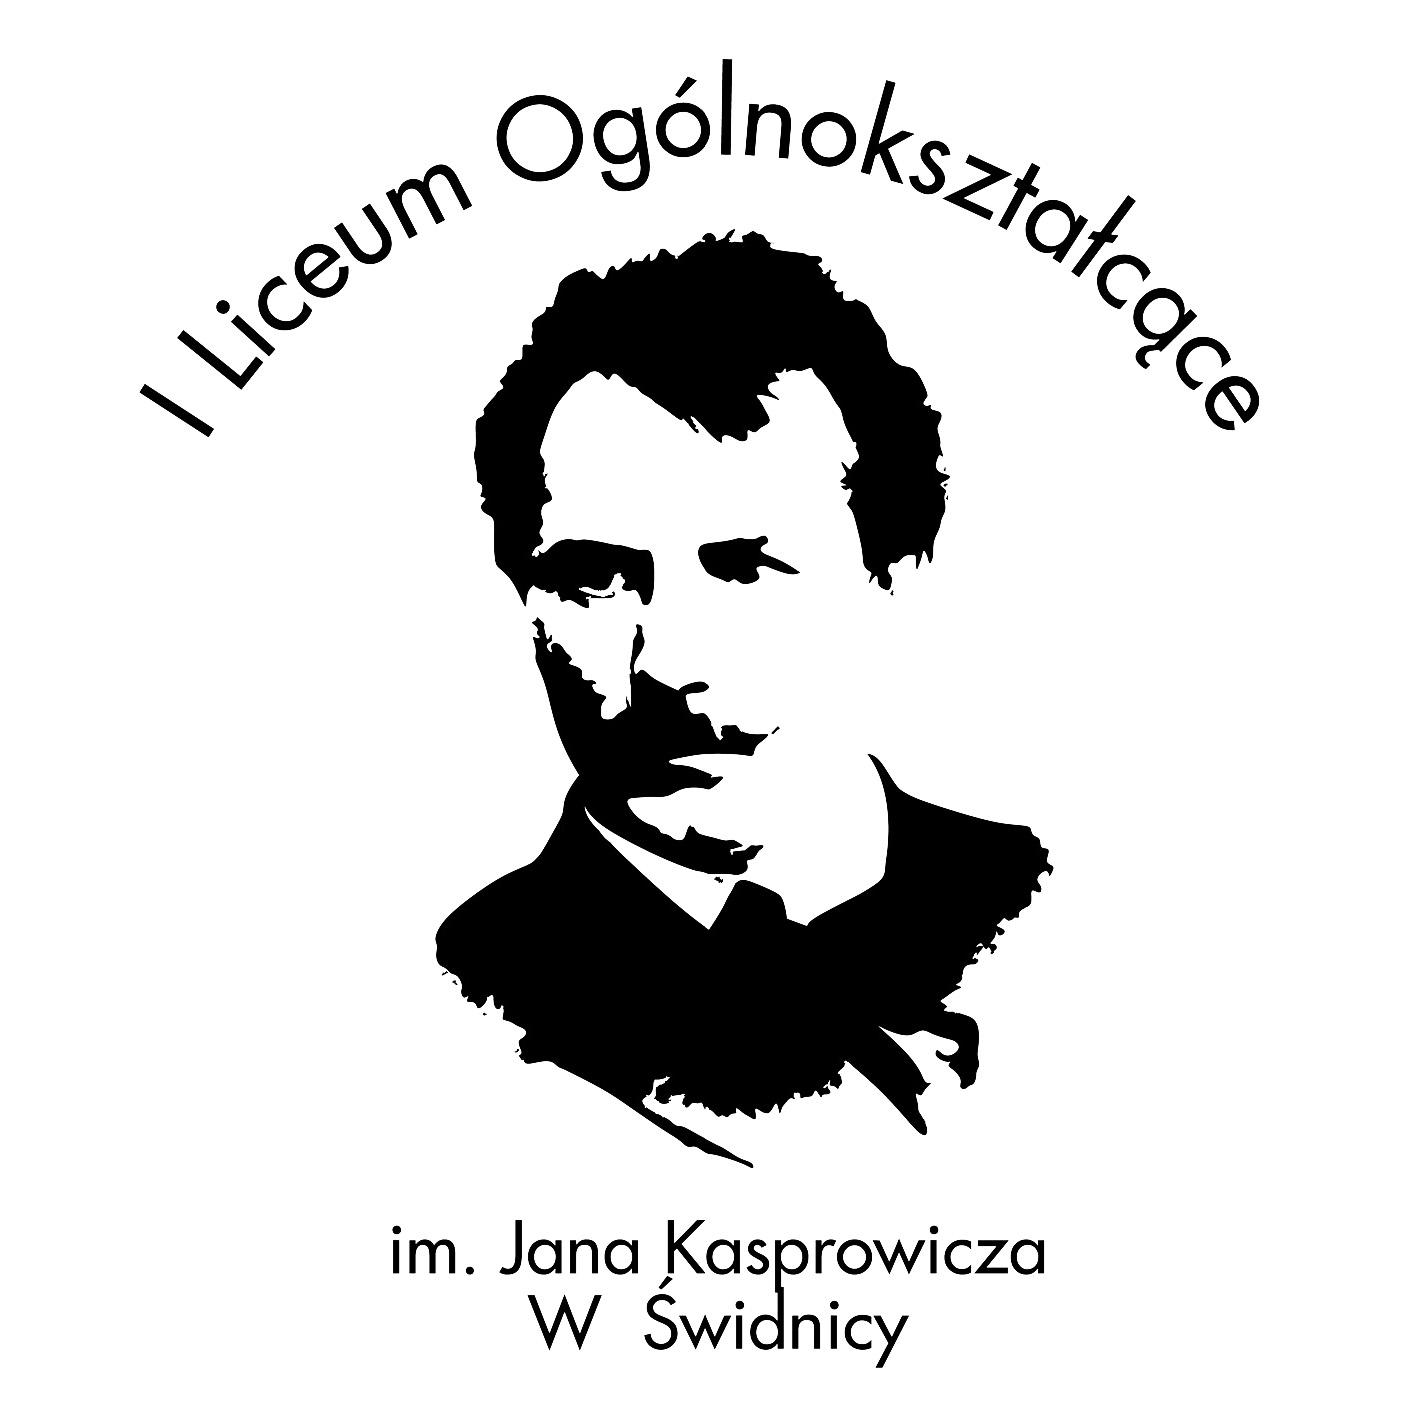 logo 1111kasprowicz